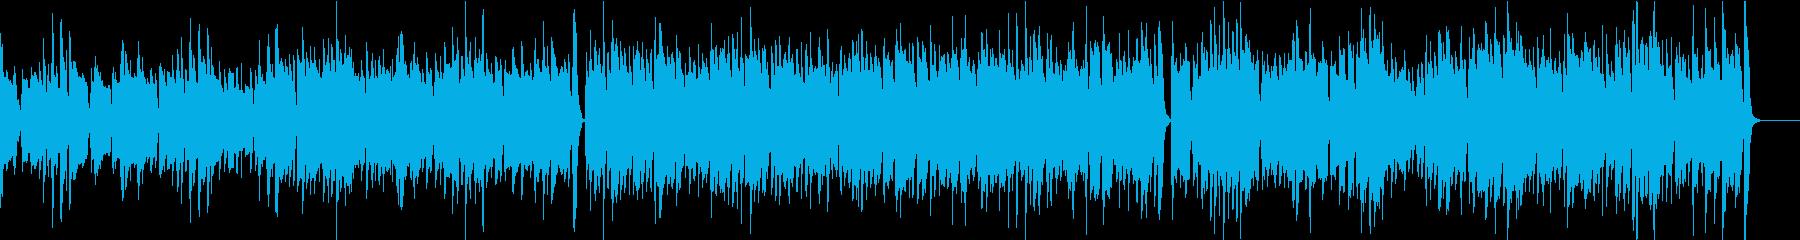 穏やかな楽器の音色に包まれるの再生済みの波形